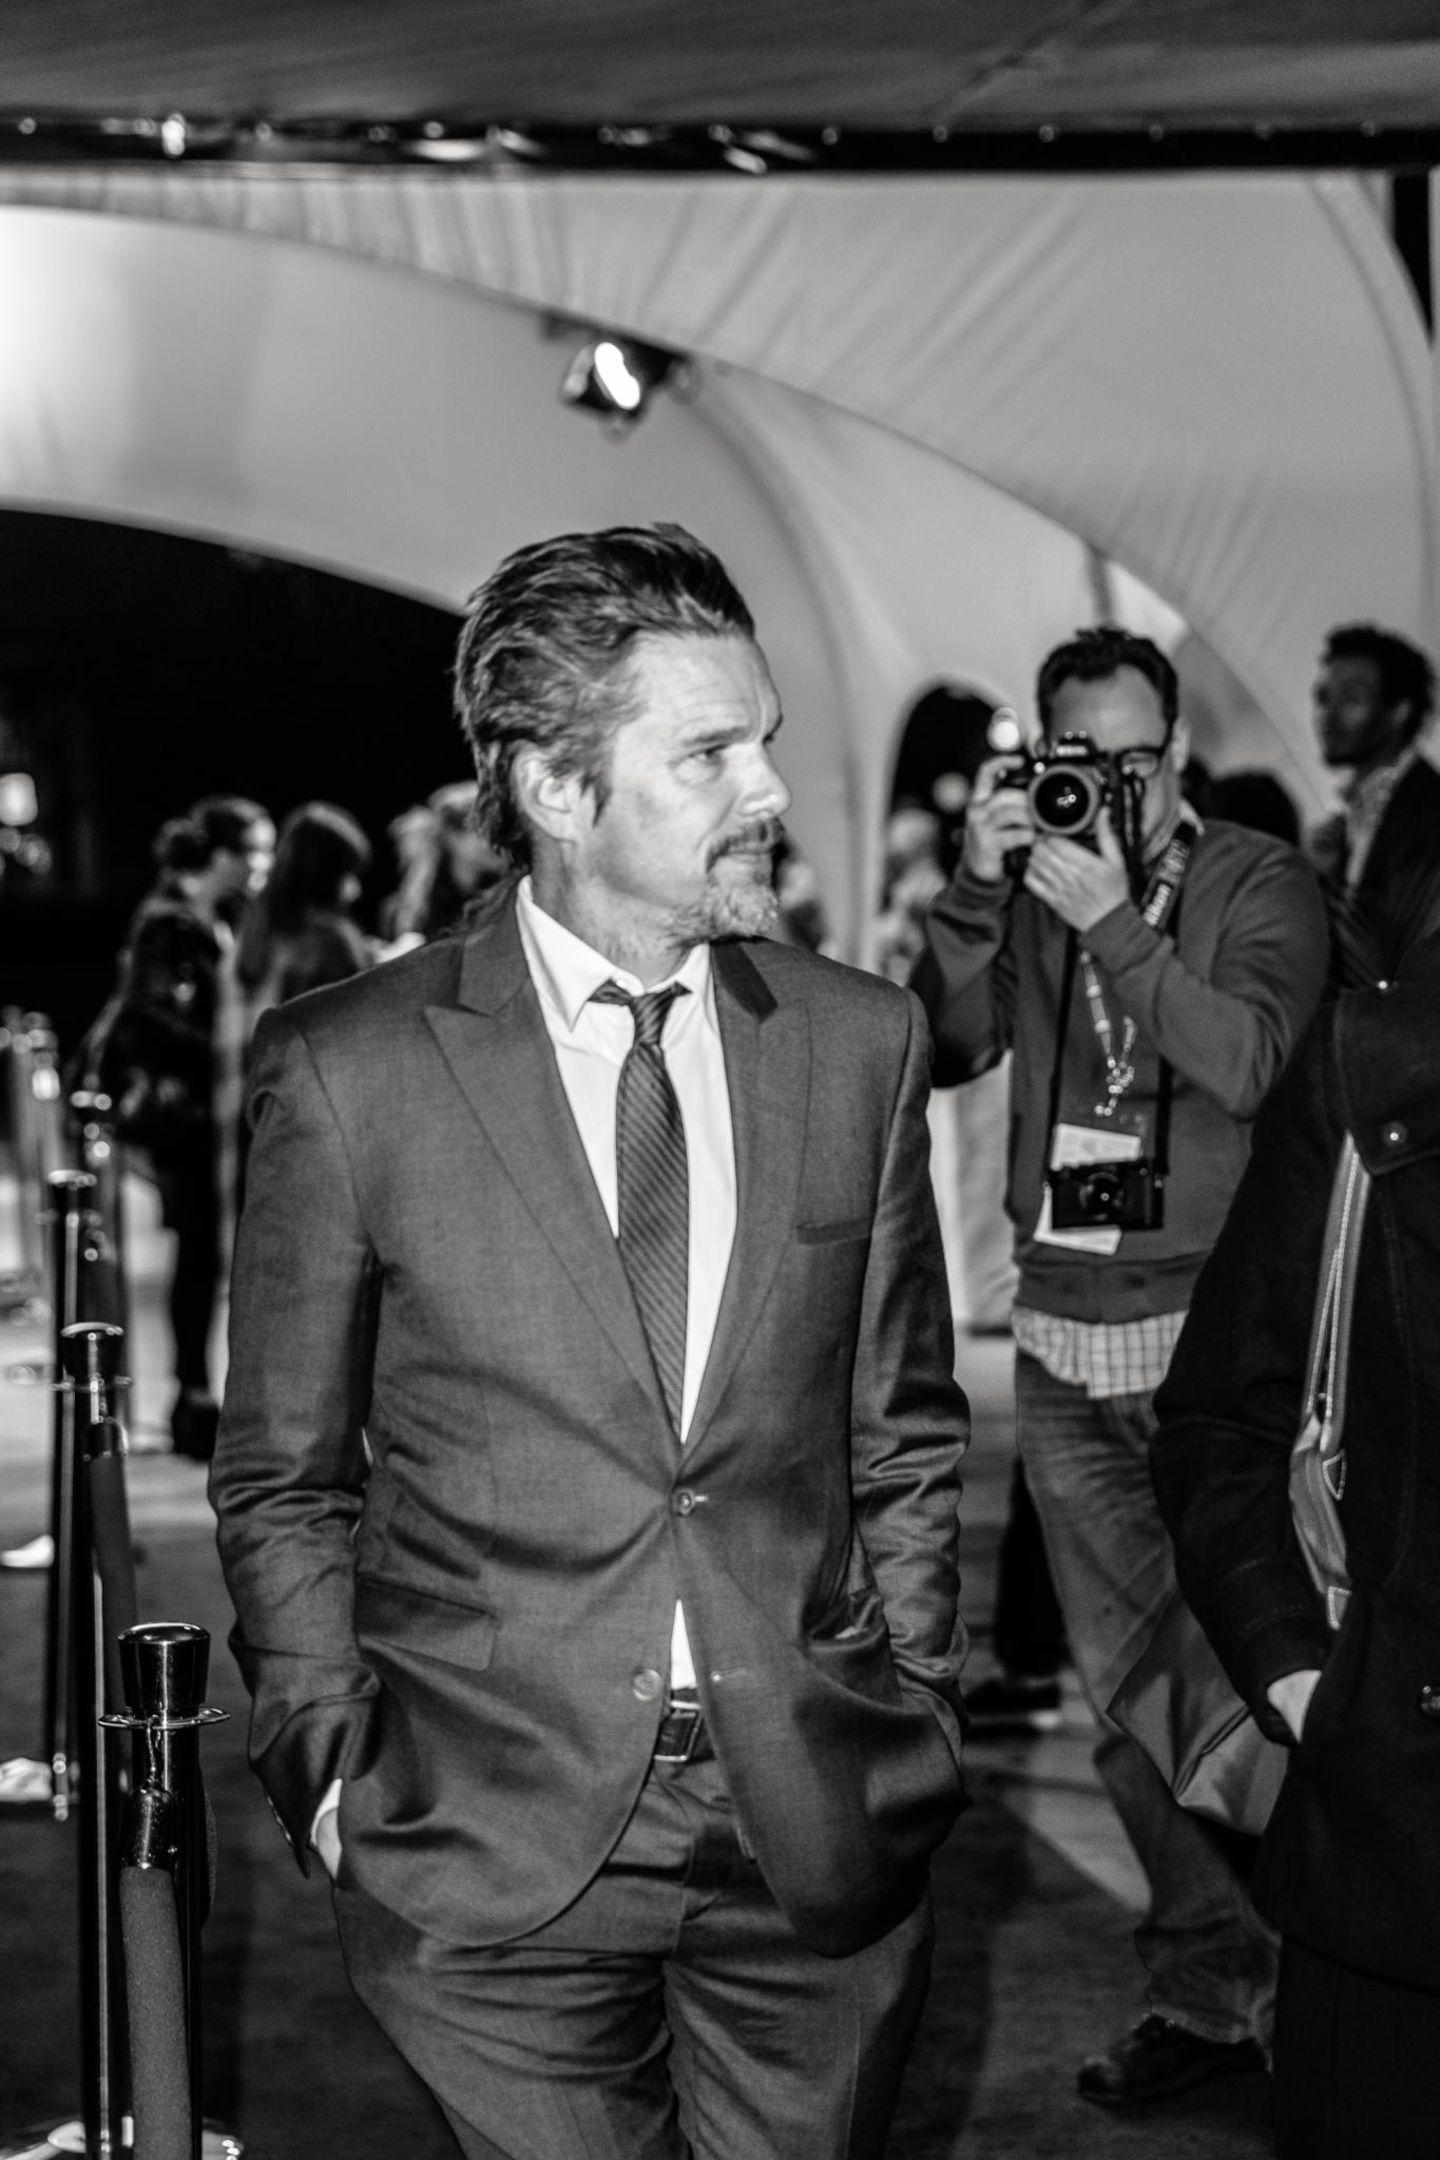 """Ethan Hawke schlendert bei der Premiere von """"Good Kill"""" über den roten Teppich. Er ist Hauptdarsteller in dem Film, der im Juni auf DVD erscheint."""